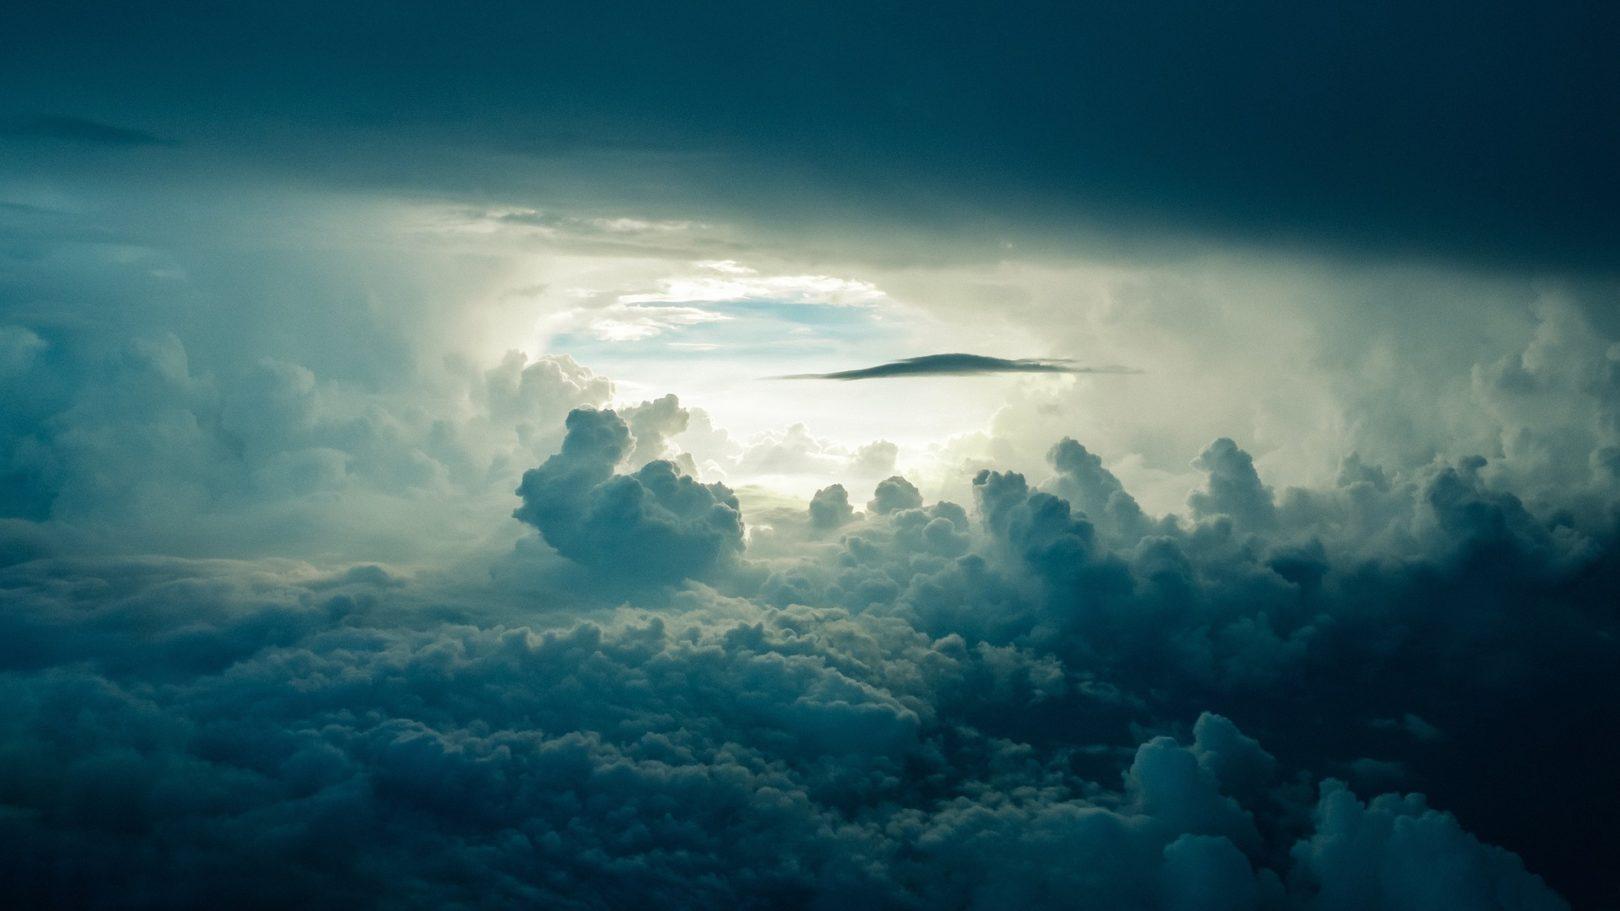 Hình ảnh trời mây cực hùng vĩ